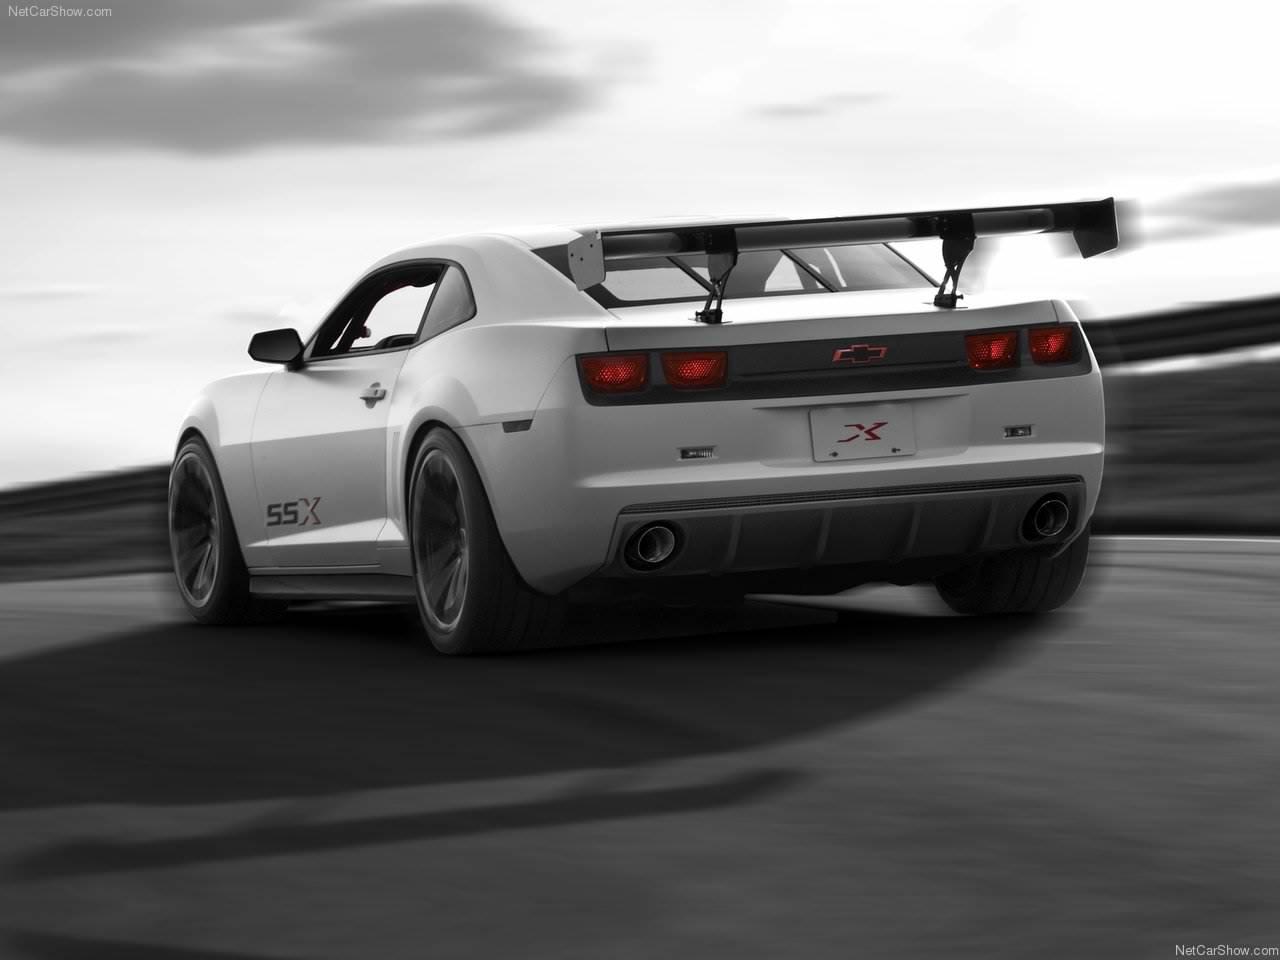 http://3.bp.blogspot.com/_lsyt_wQ2awY/TM-9DqALCqI/AAAAAAACGw0/RTBk925jshE/s1600/Chevrolet-Camaro_SSX_Concept_2010_1280x960_wallpaper_04.jpg